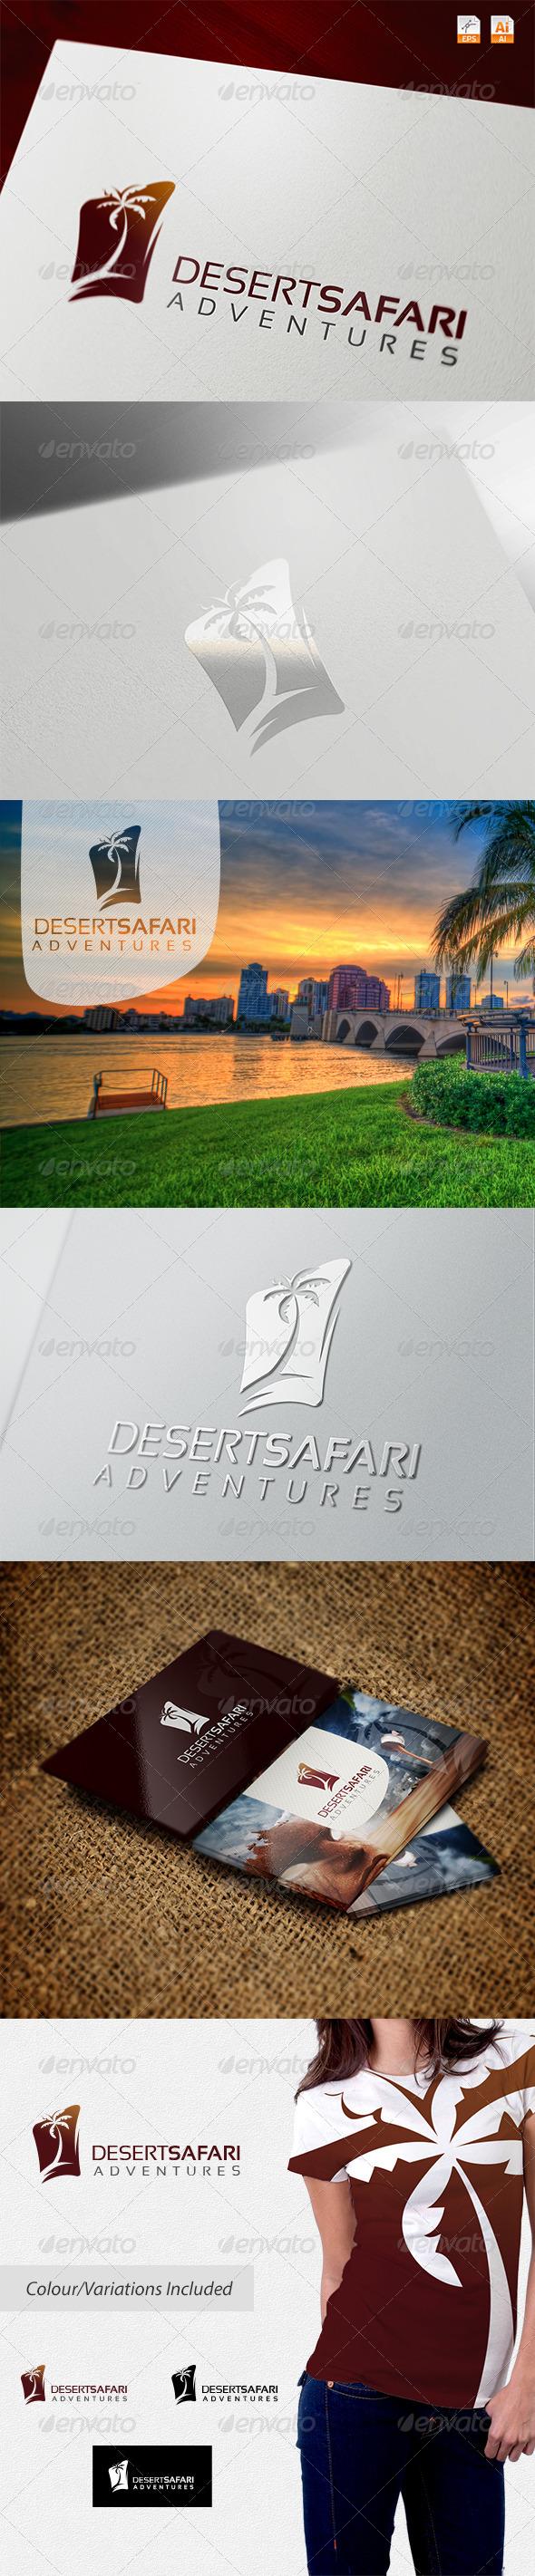 GraphicRiver Desert Safari Adventures 5286398